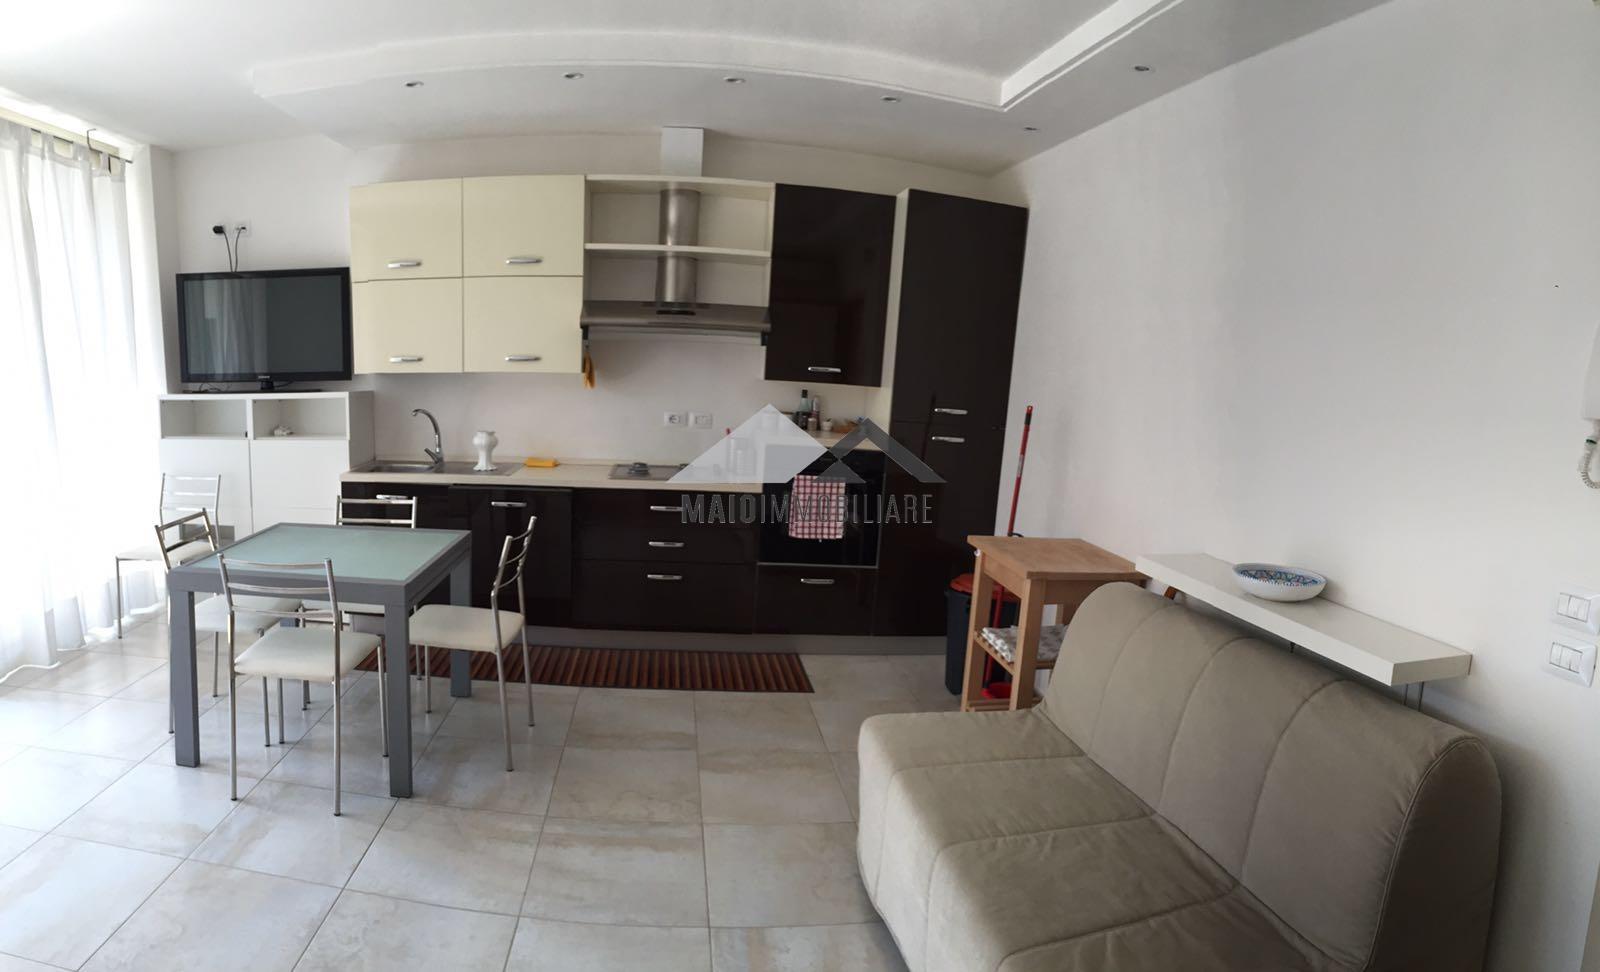 Appartamento in vendita a Riccione, 3 locali, zona Località: ABISSINIA, prezzo € 640.000 | Cambio Casa.it